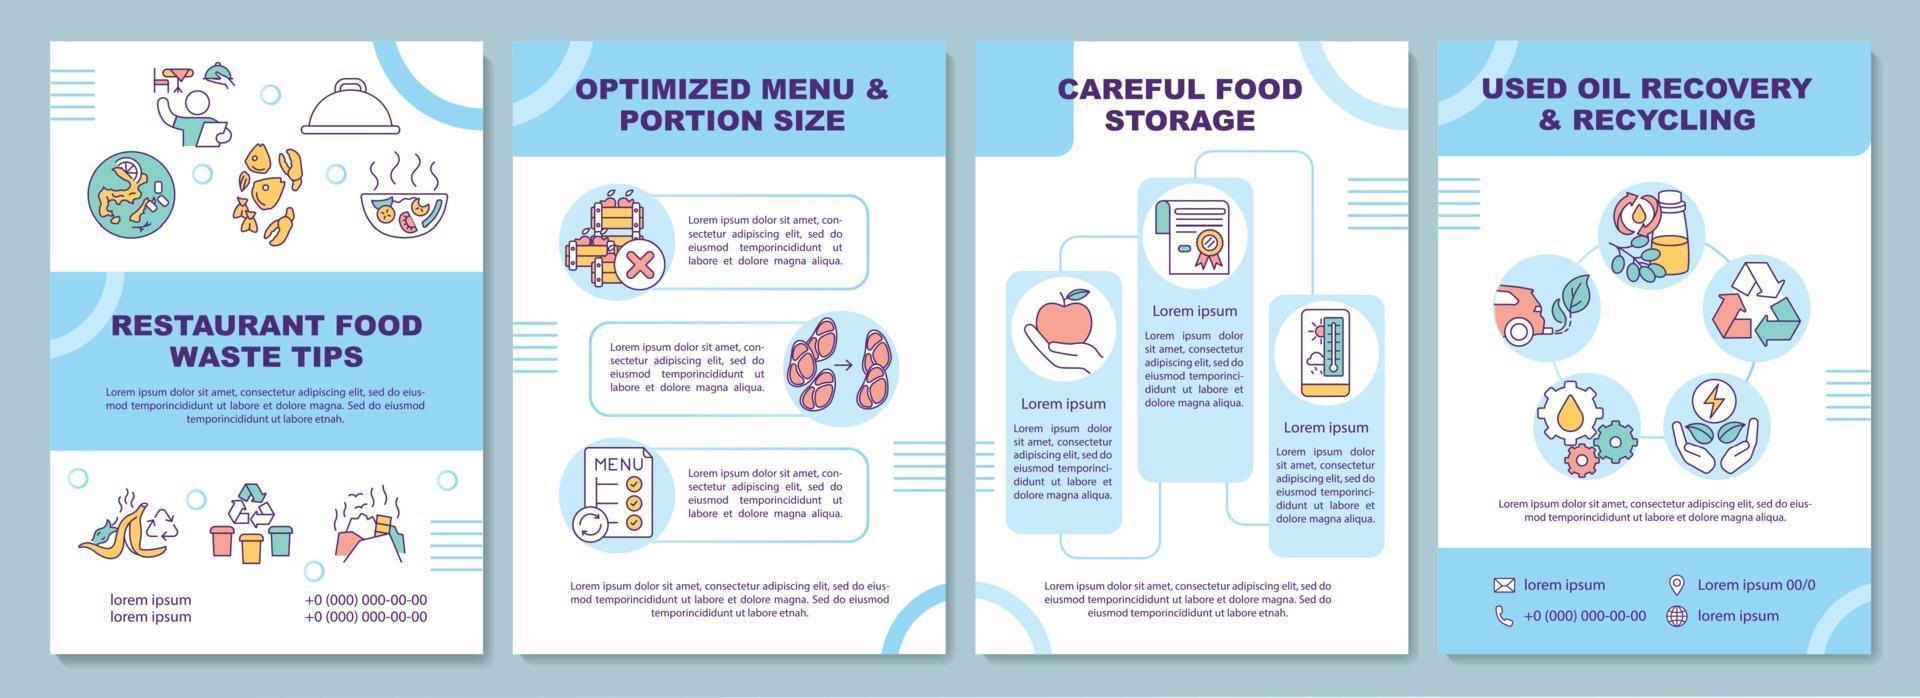 modelo de folheto de dicas sobre resíduos alimentares de restaurante vetor